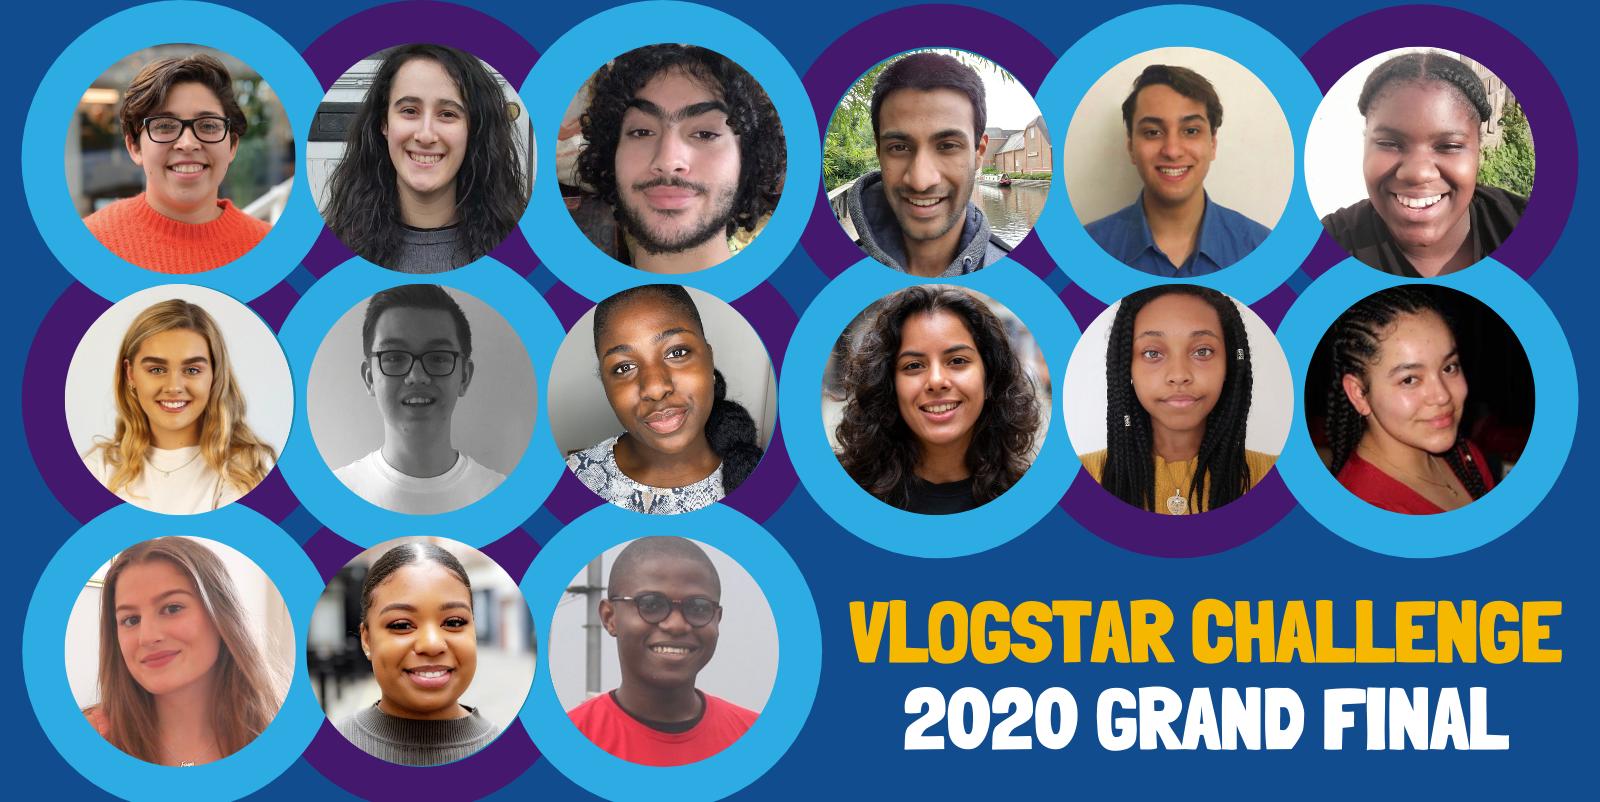 Vlogstar Challenge Grand Final 2020